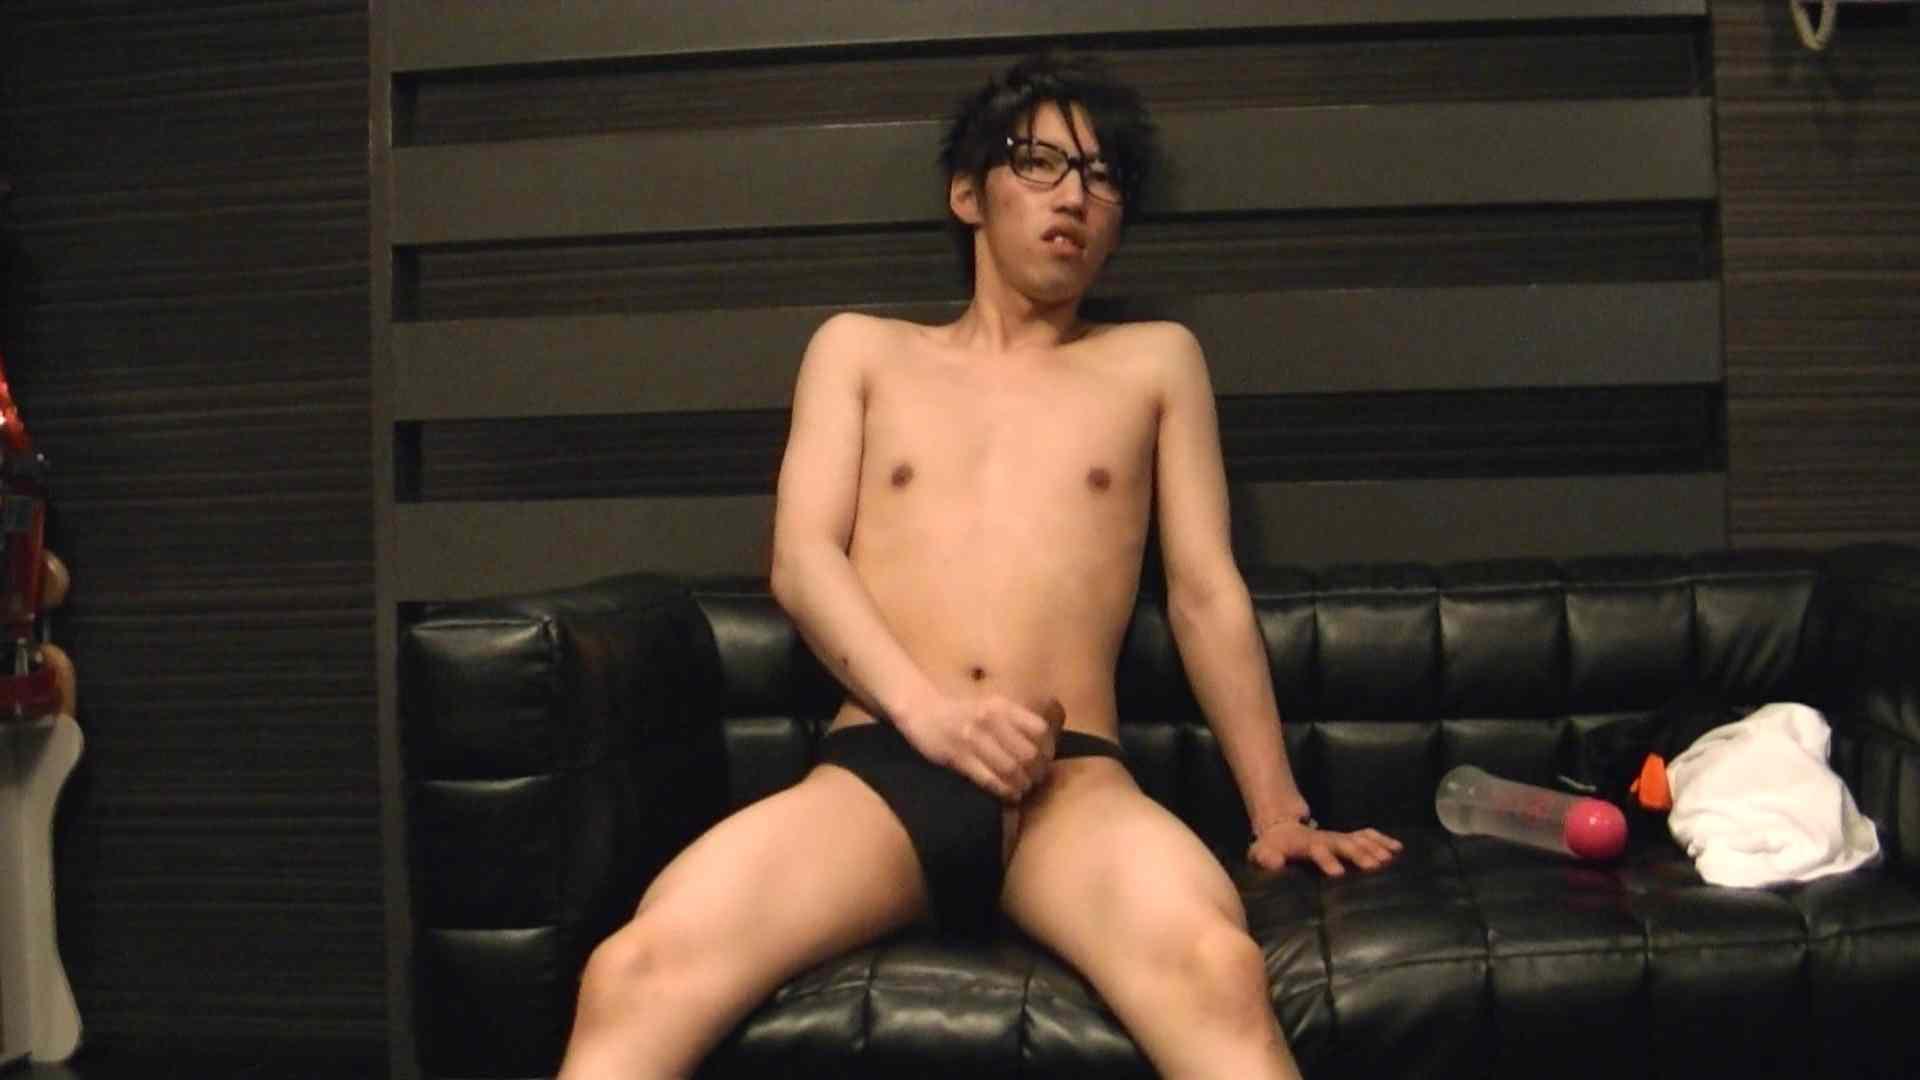 Mr.オナックスさん投稿!HD 貴方のオナニー三万円で撮影させてください。VOL.04 投稿 | 完全無修正でお届け  70pic 50